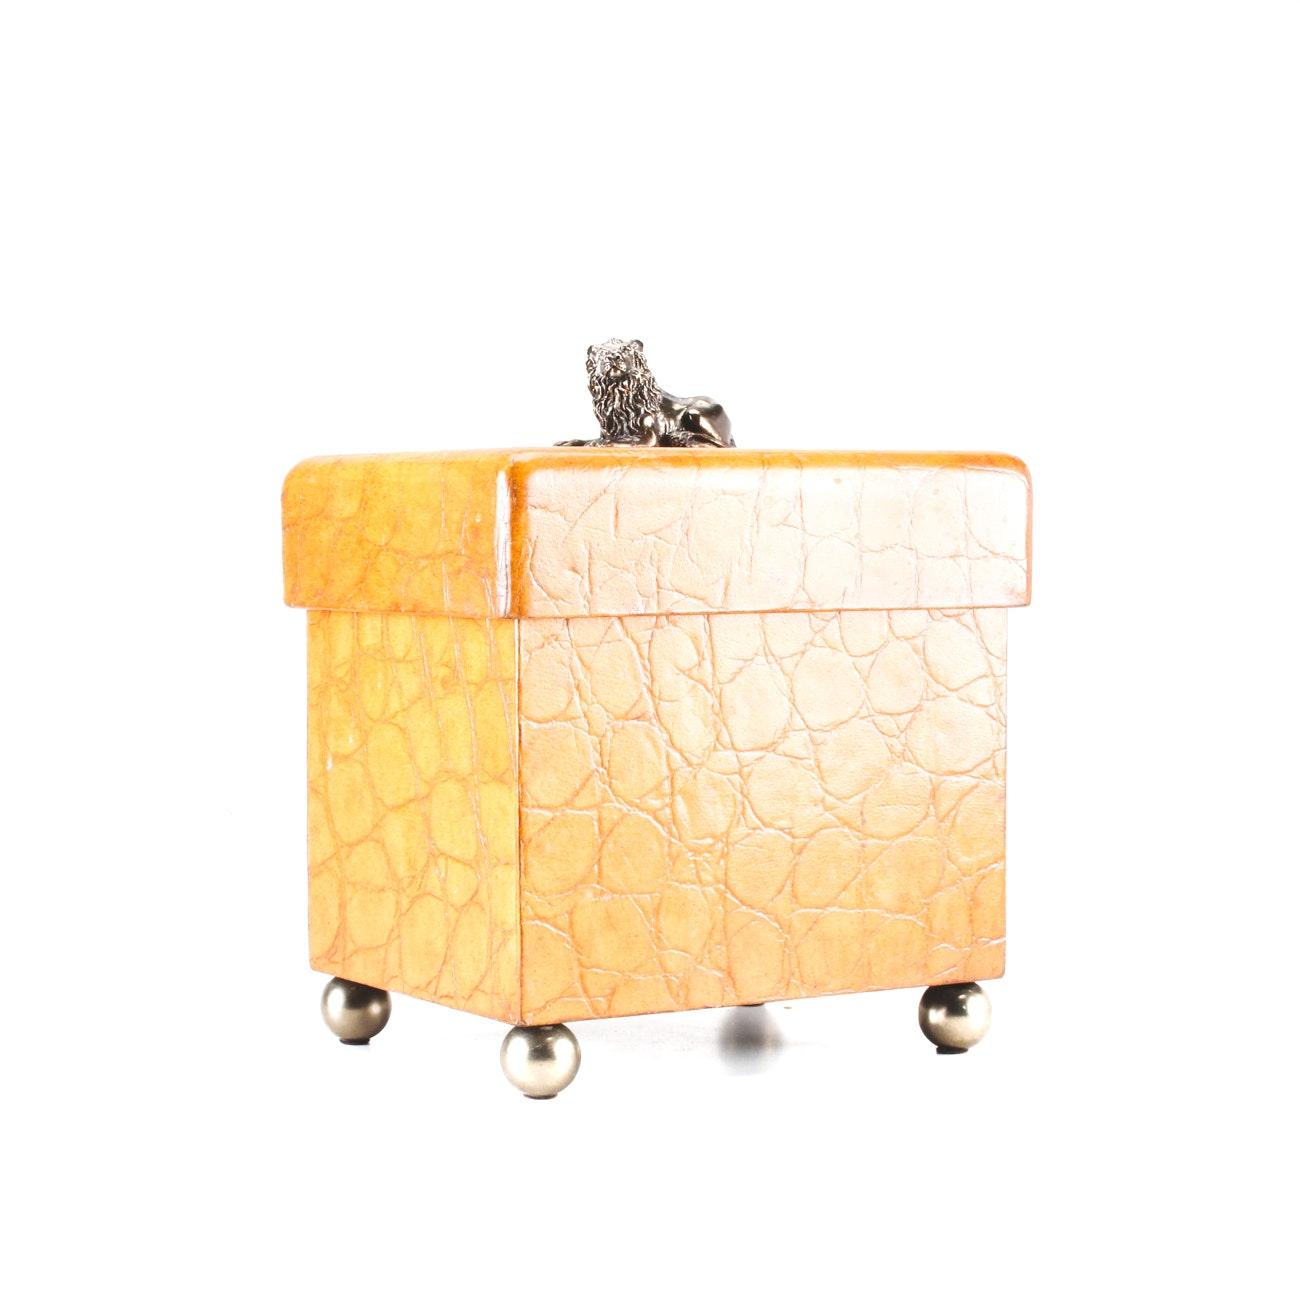 Maitland-Smith Lacquered Decorative Box